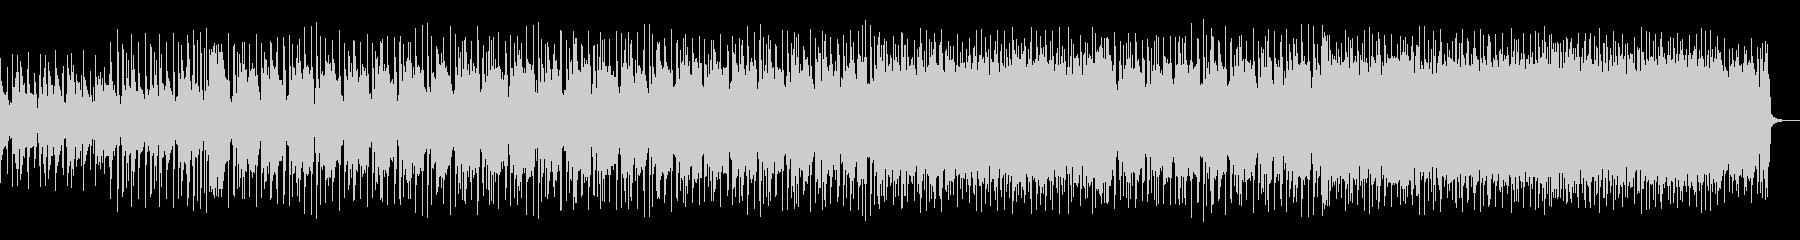 アコギとシンセのキャッチーなメロディーの未再生の波形